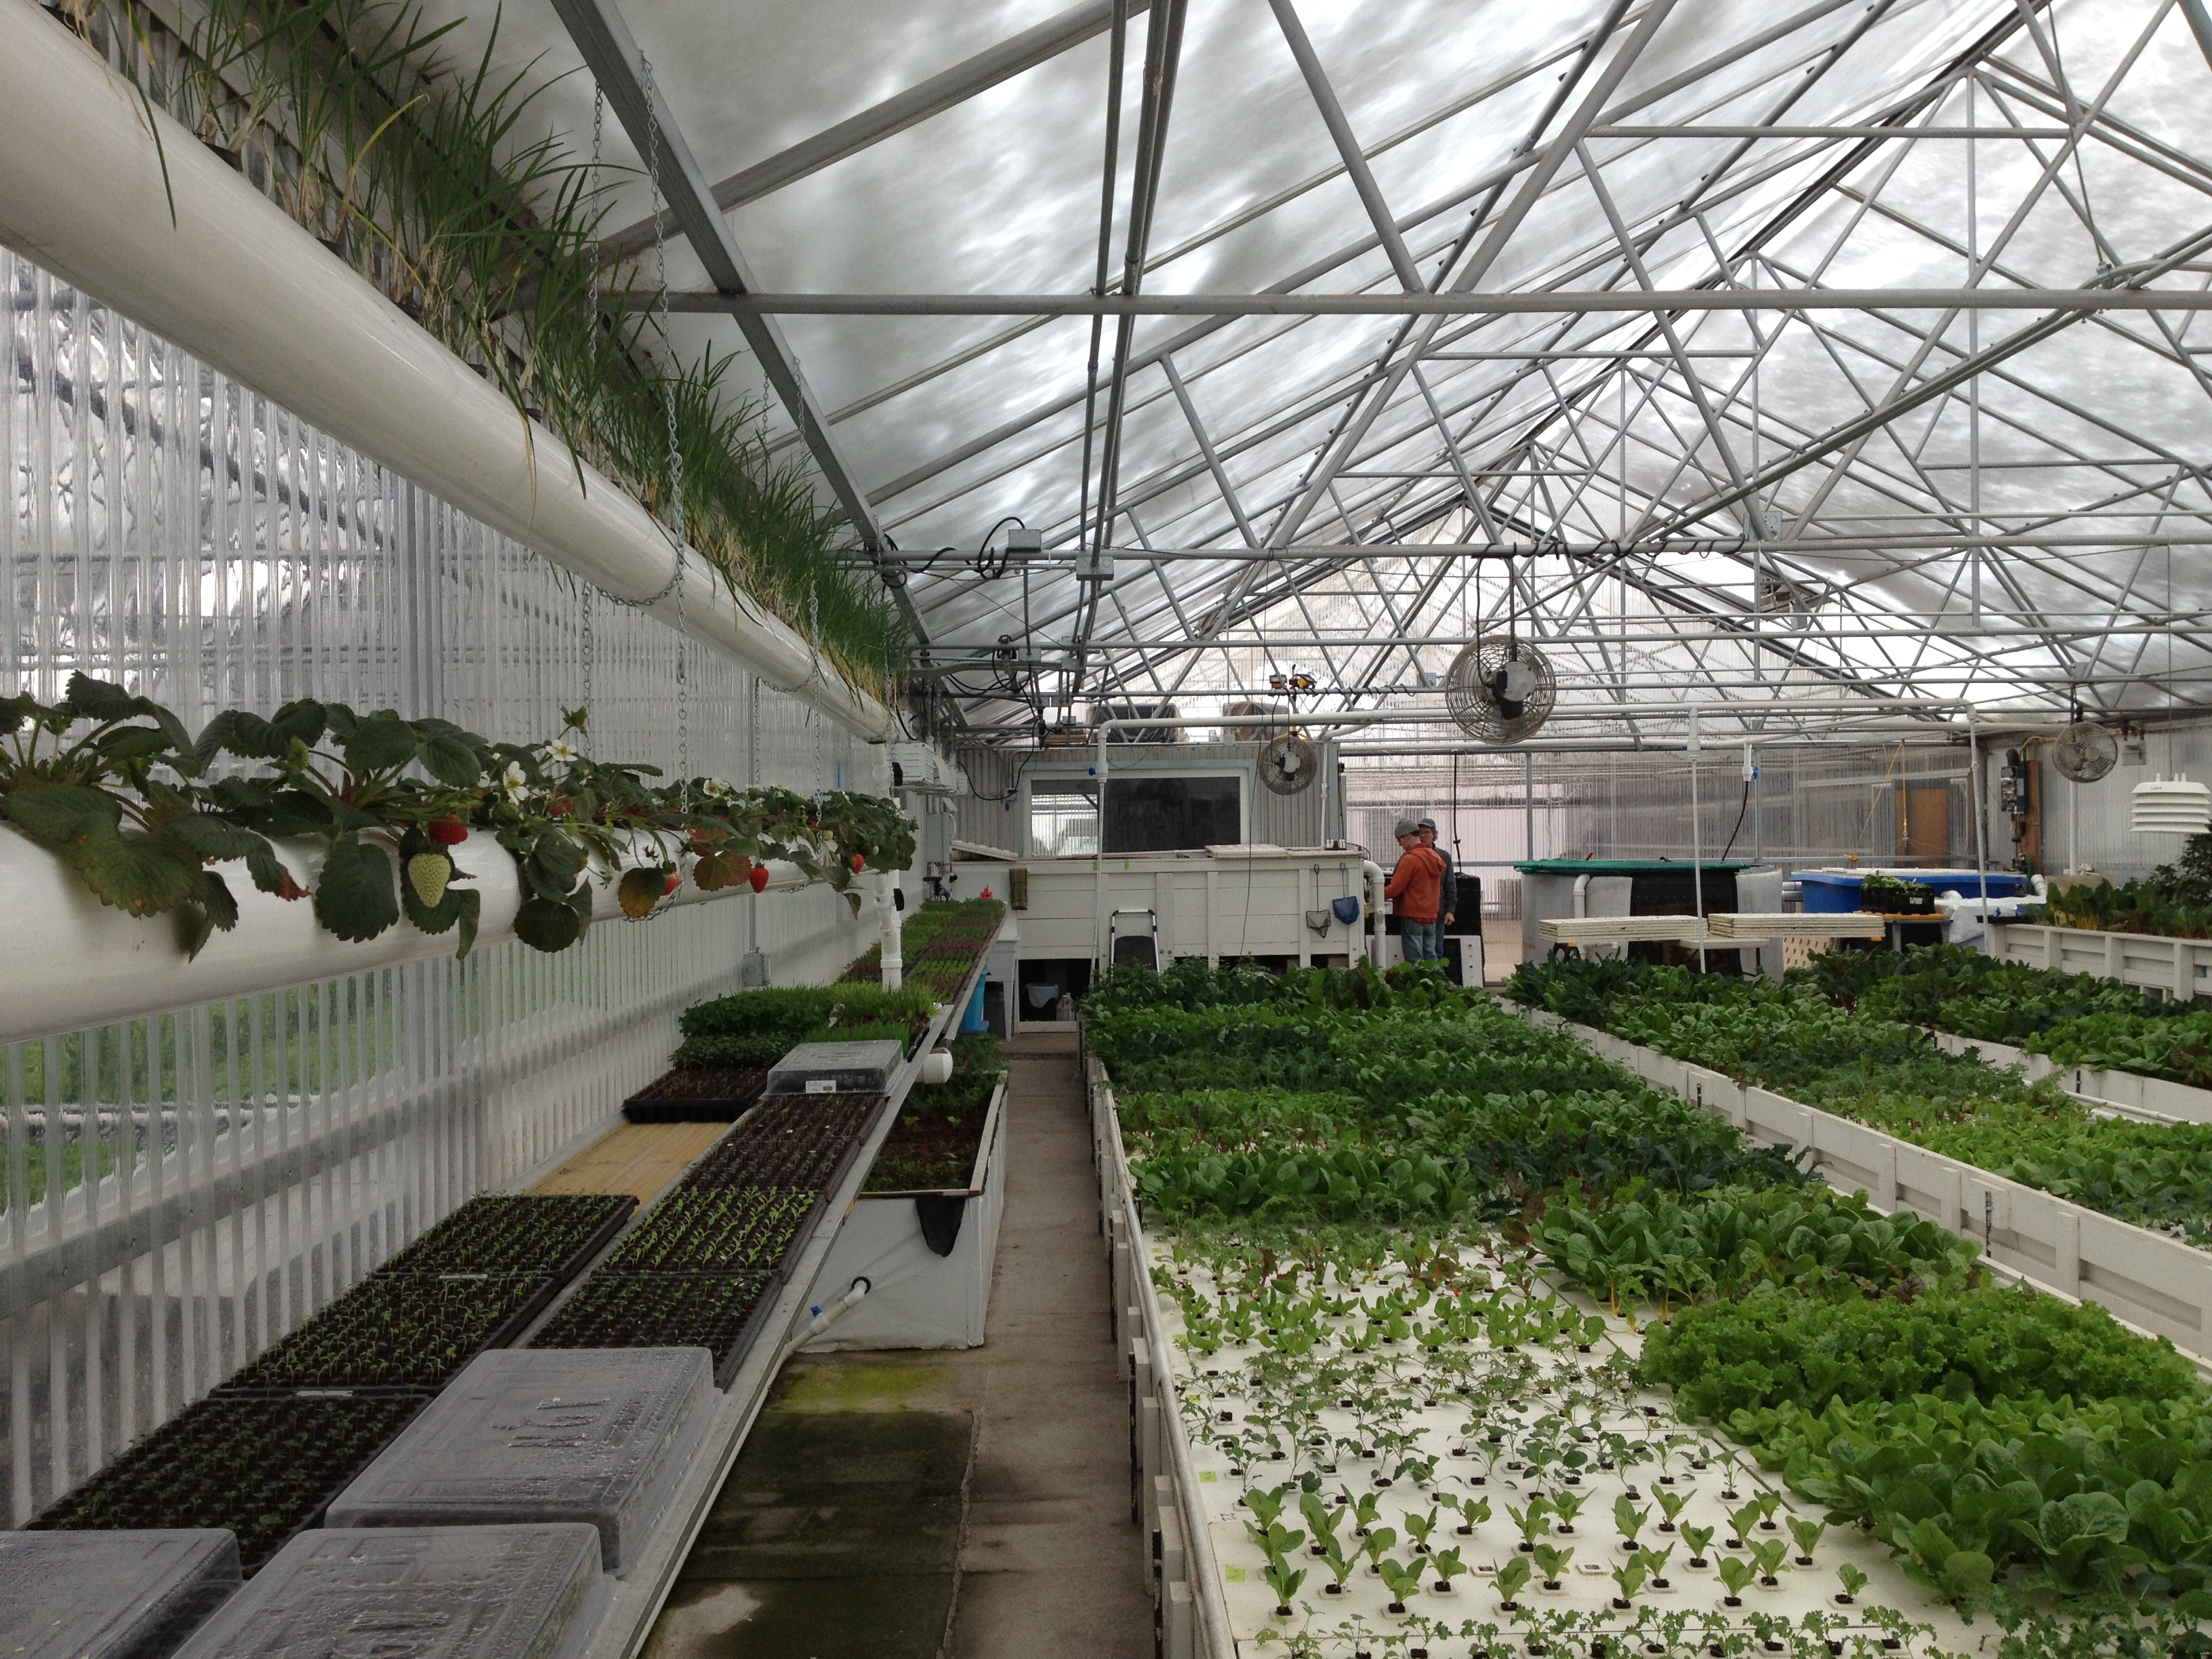 Agricultural Aquaponics